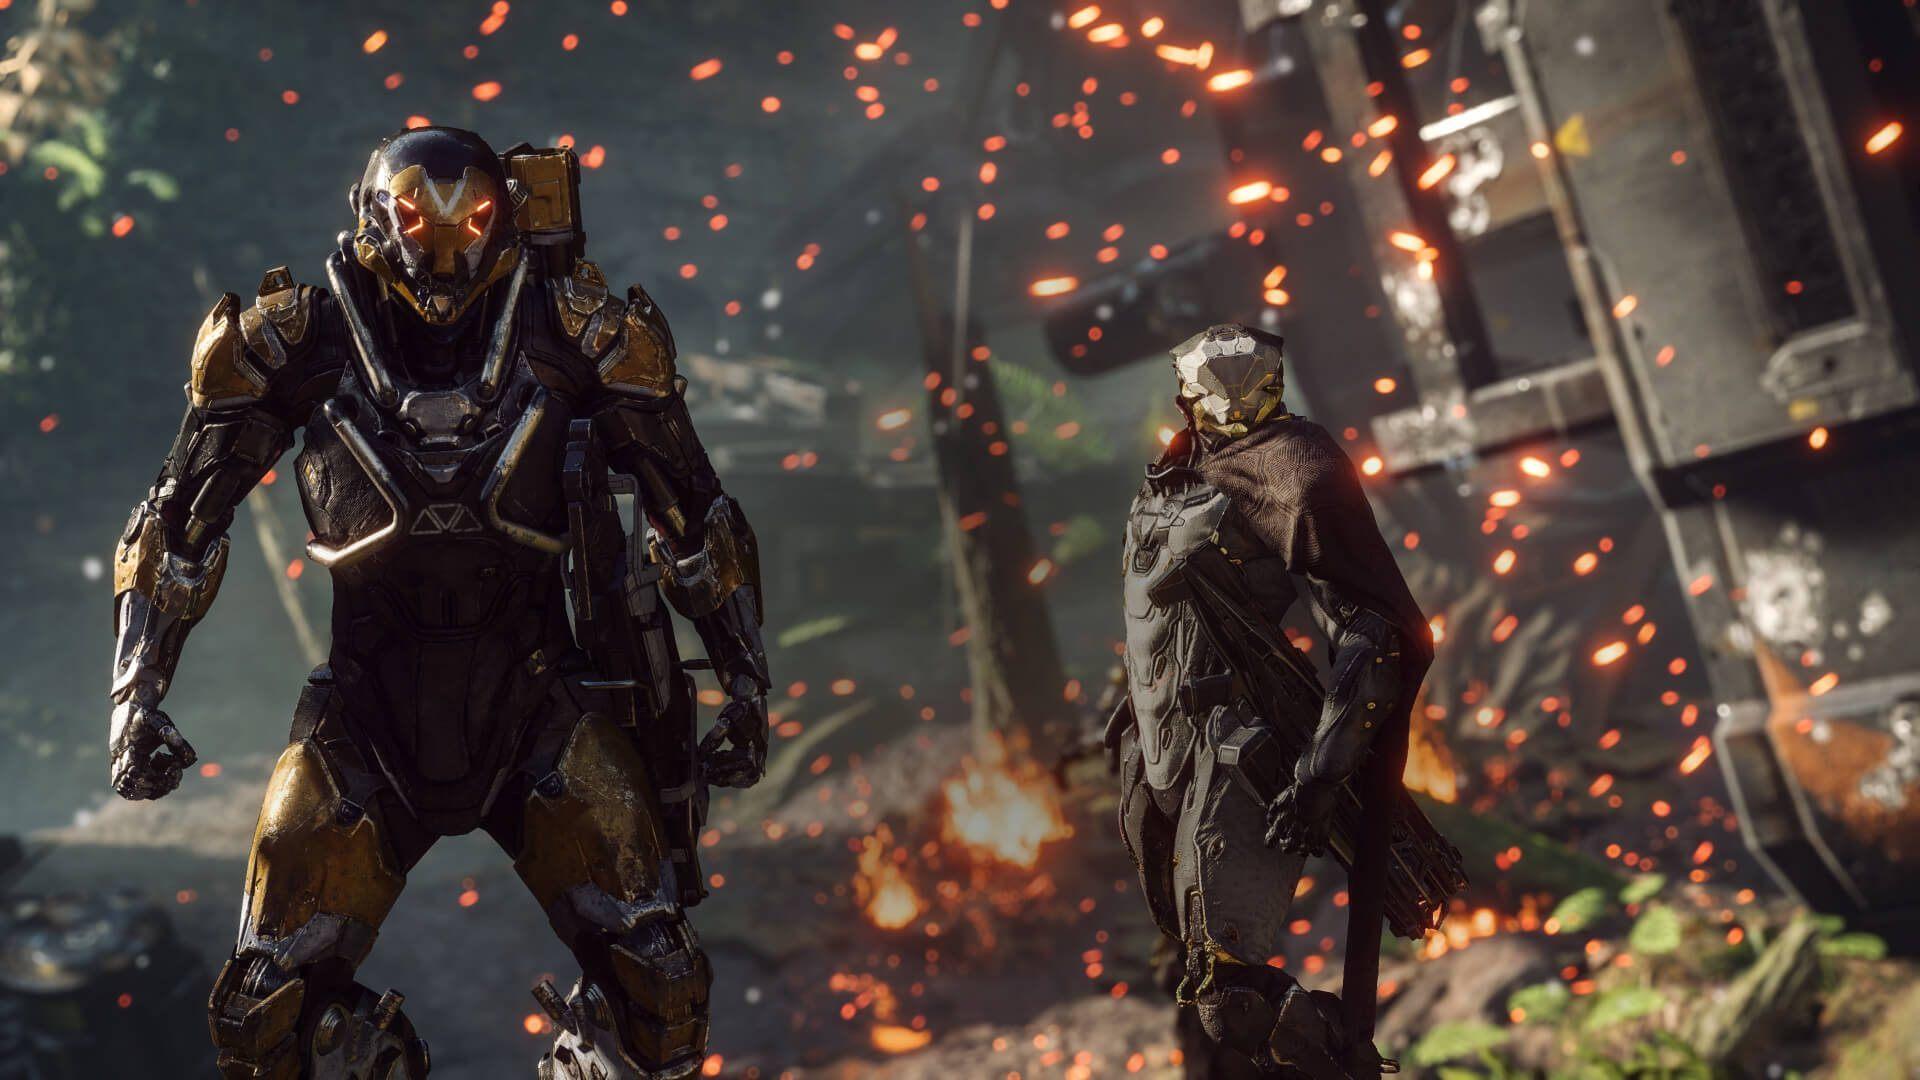 Image for Anthem pre-order details revealed alongside pre-launch demo